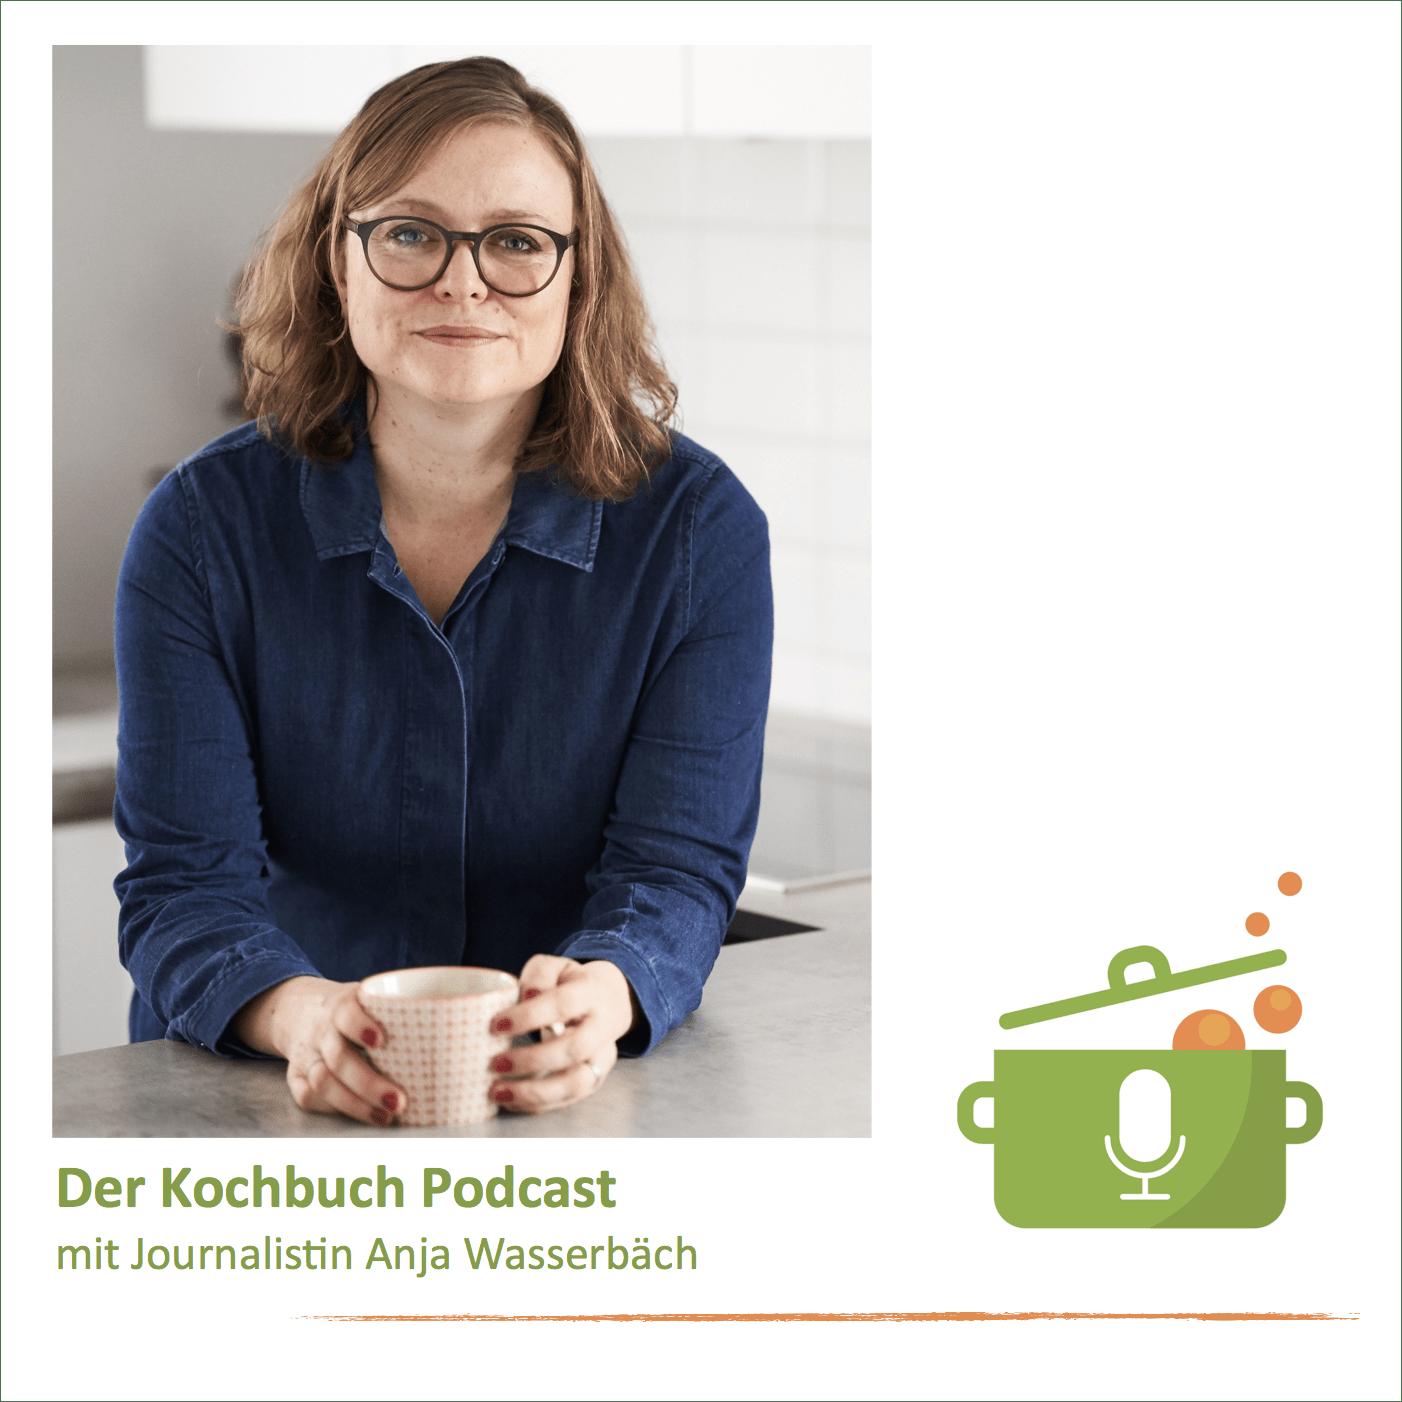 Anja Wasserbäch zu Besuch im Kochbuch Podcast